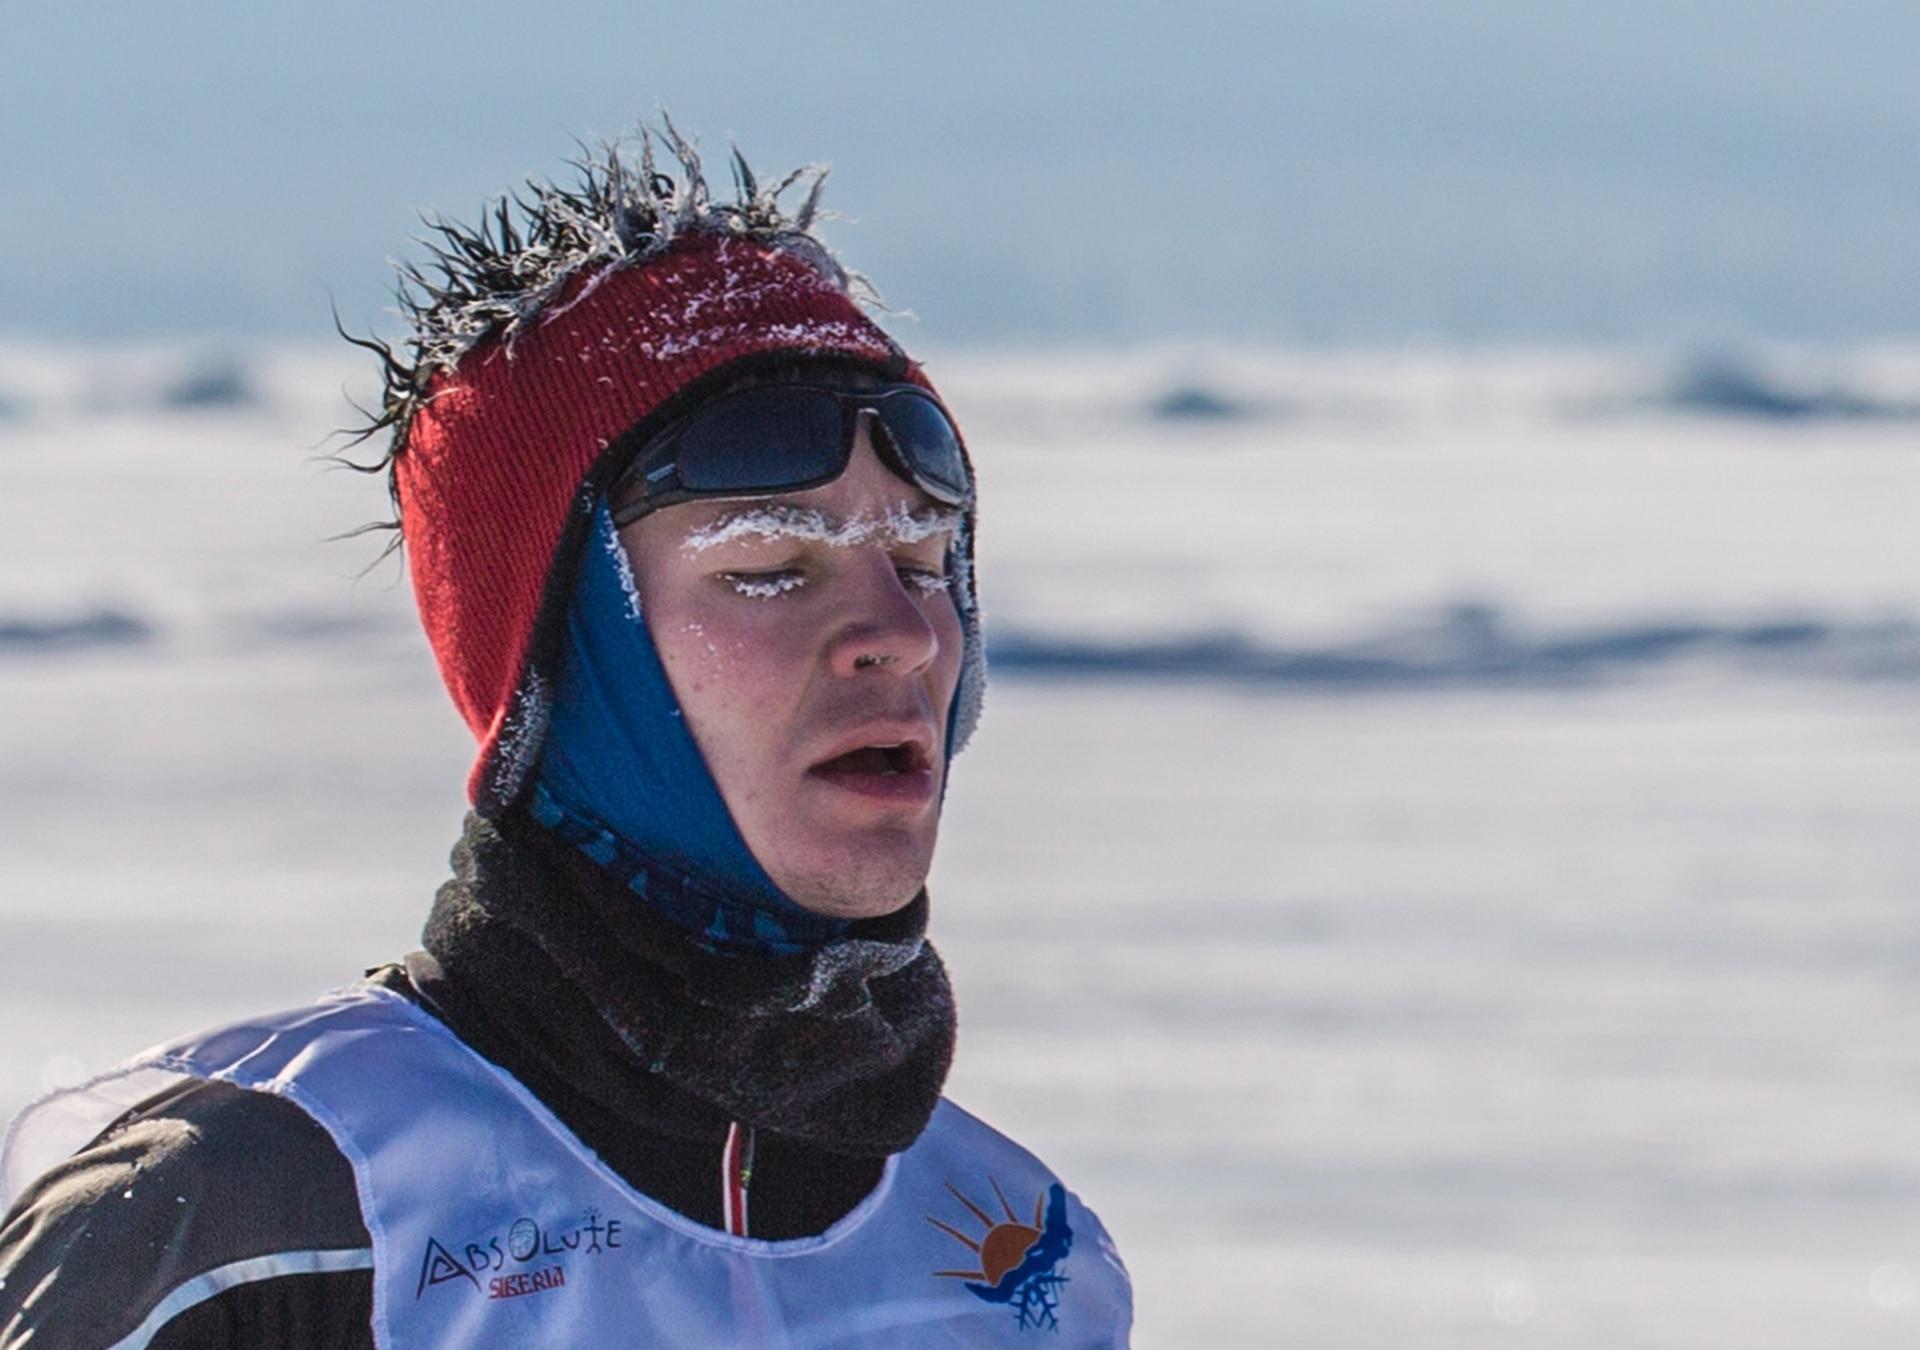 Durante la carrera, todas las partes de la piel deben estar cubiertas. Hay algo riesgo de congelamiento.